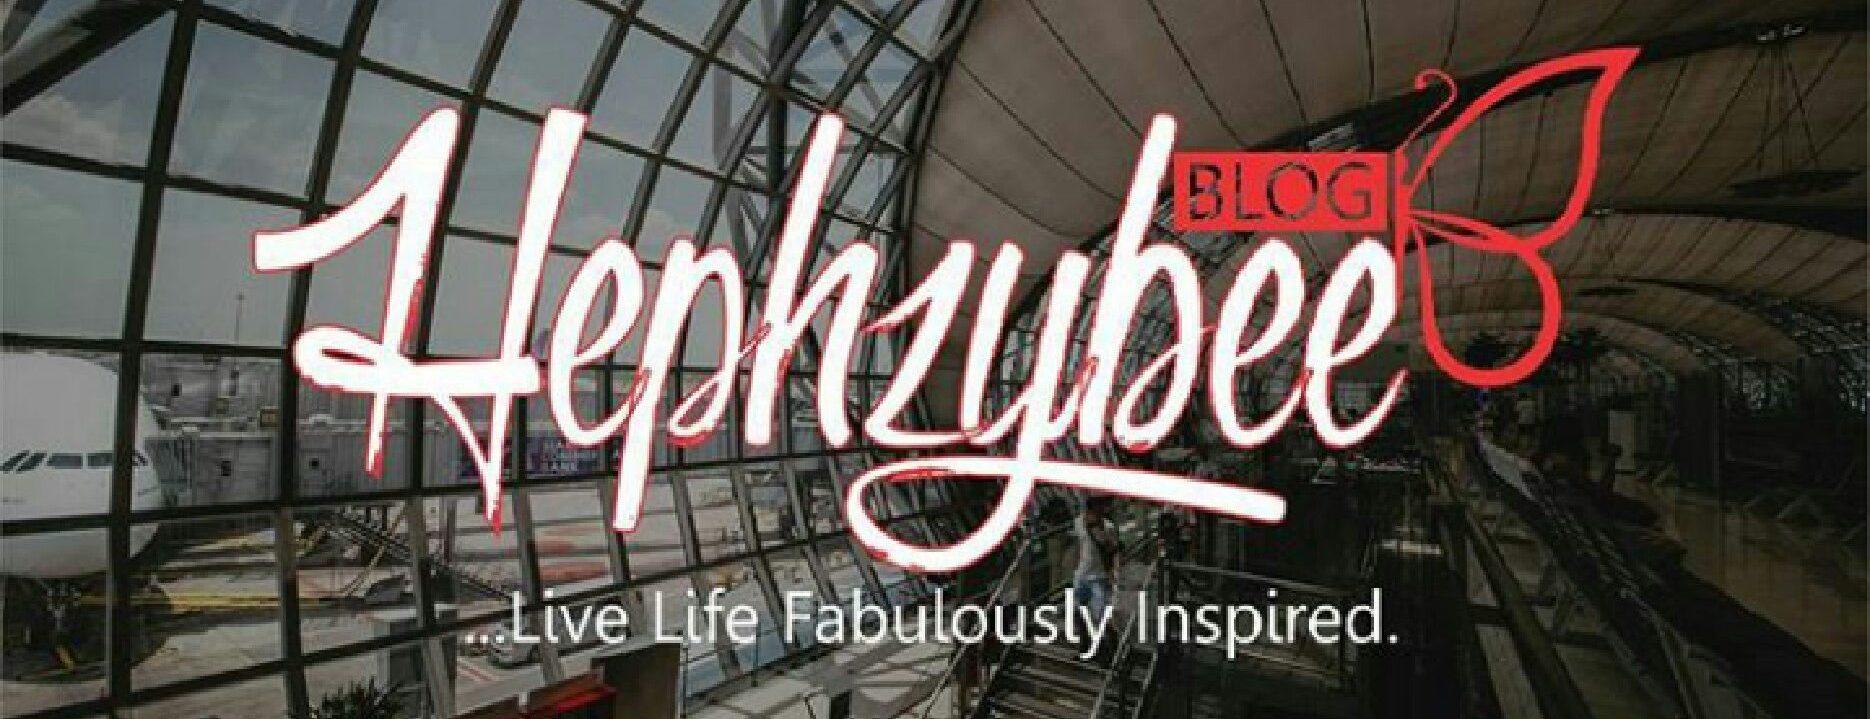 HephzyBee Blog